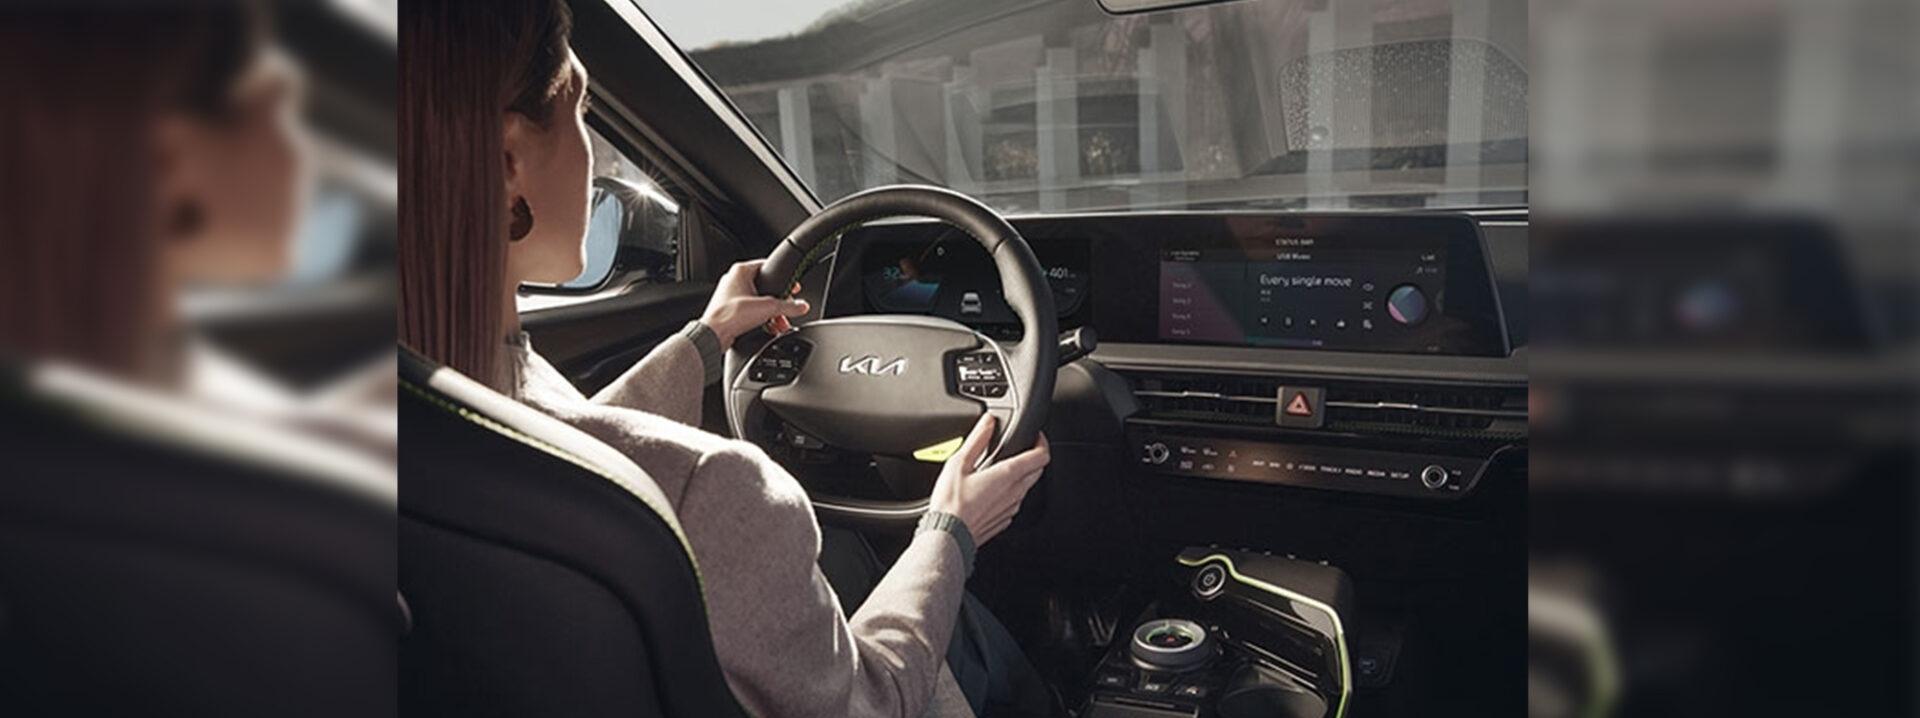 El conductor es prioridad en la cabina del futuro